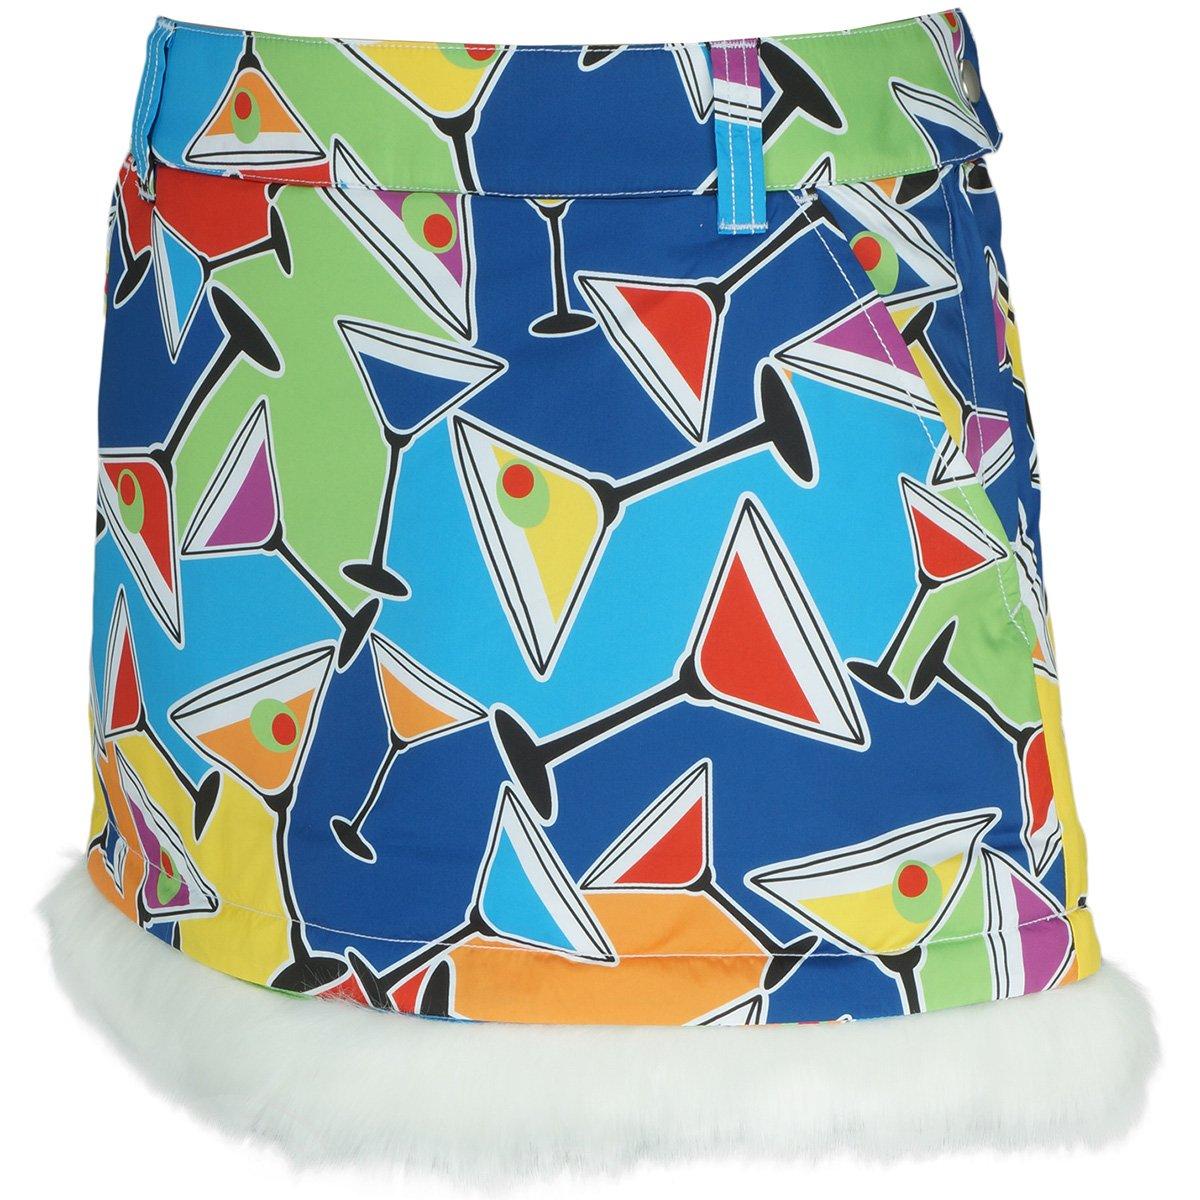 ラウドマウスゴルフ Loud Mouth Golf スカート 中綿スカート レディス コックテイルパーティ 059 L   B0776SYTF7